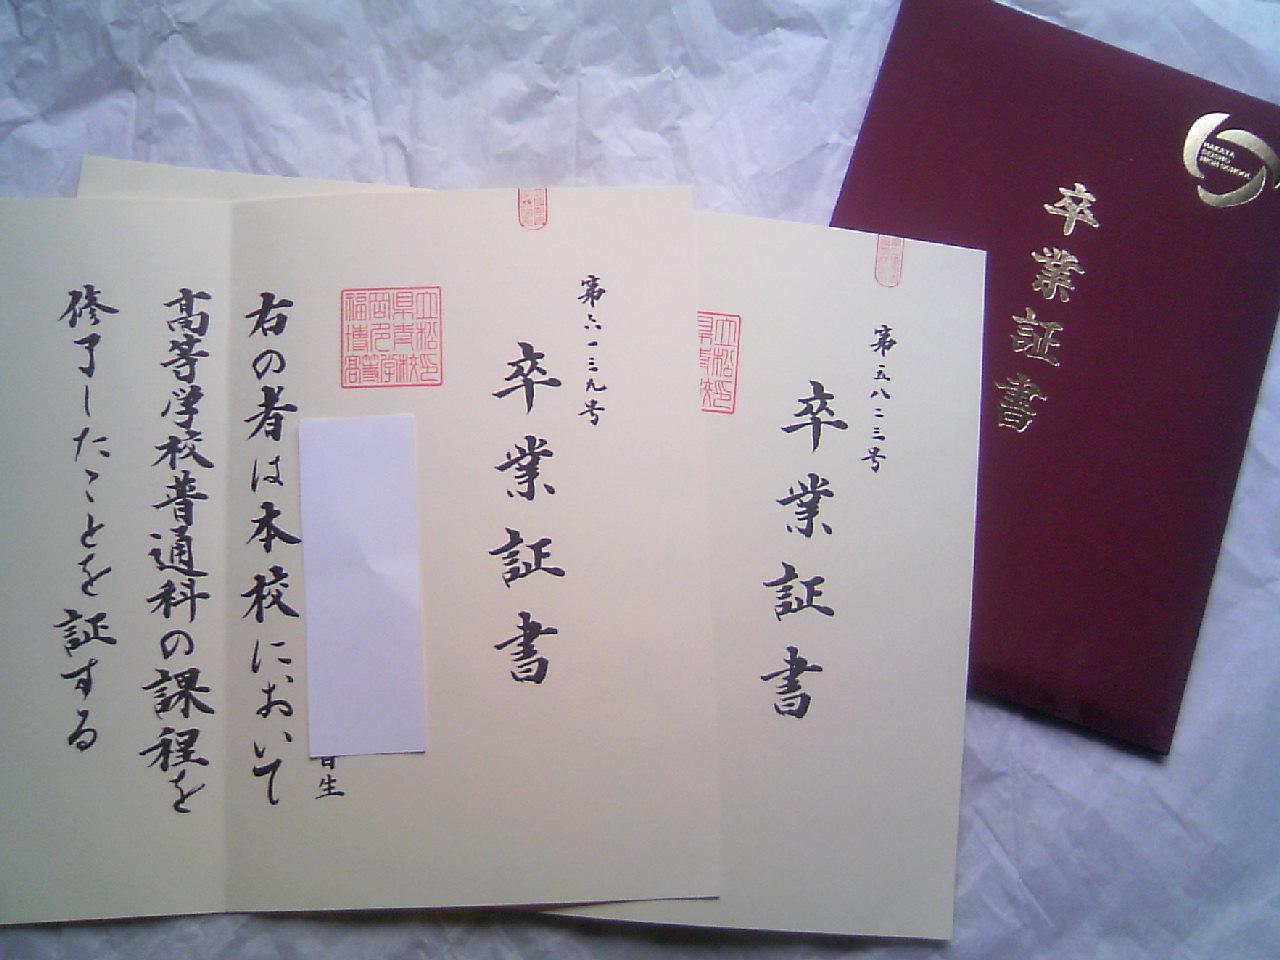 送られてきた卒業証書